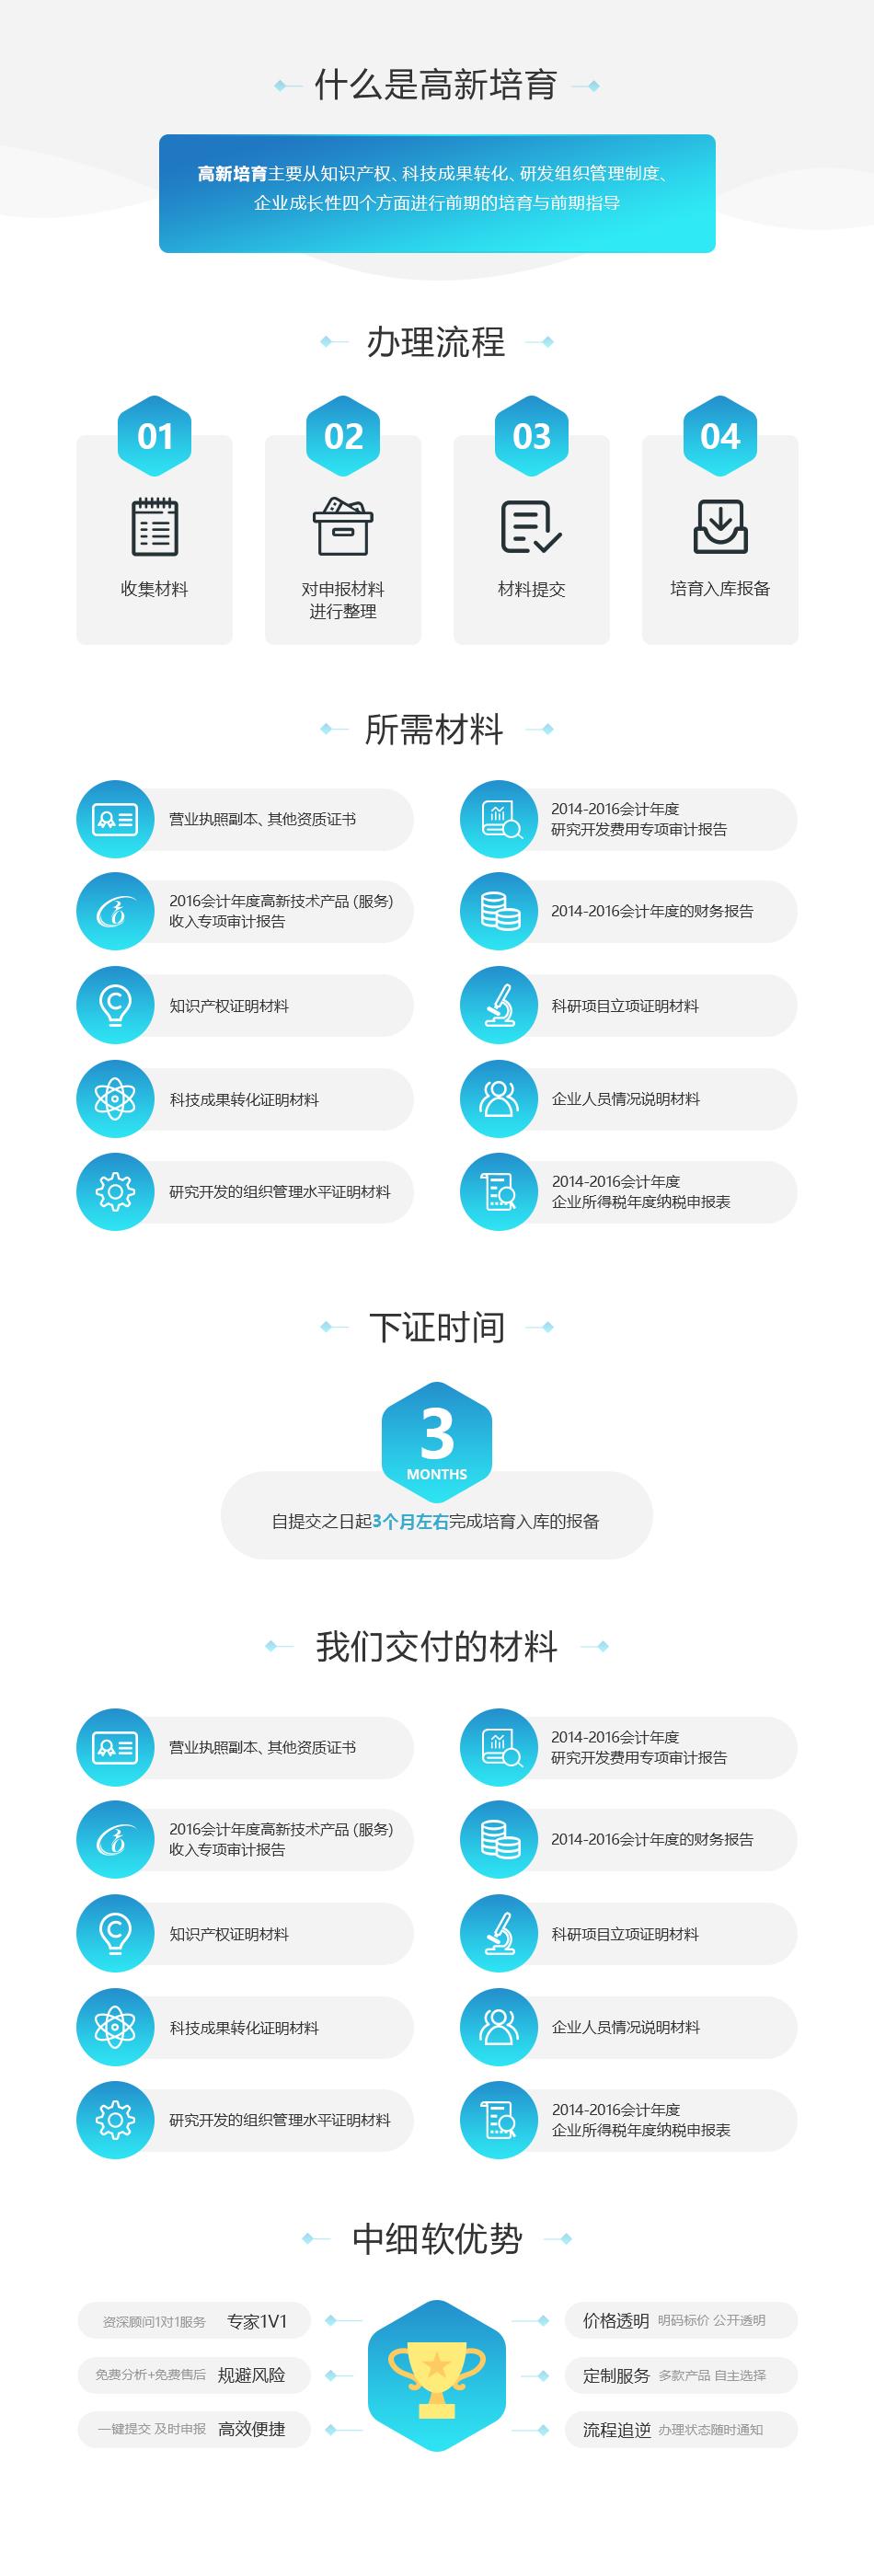 企业服务-高新培育.jpg